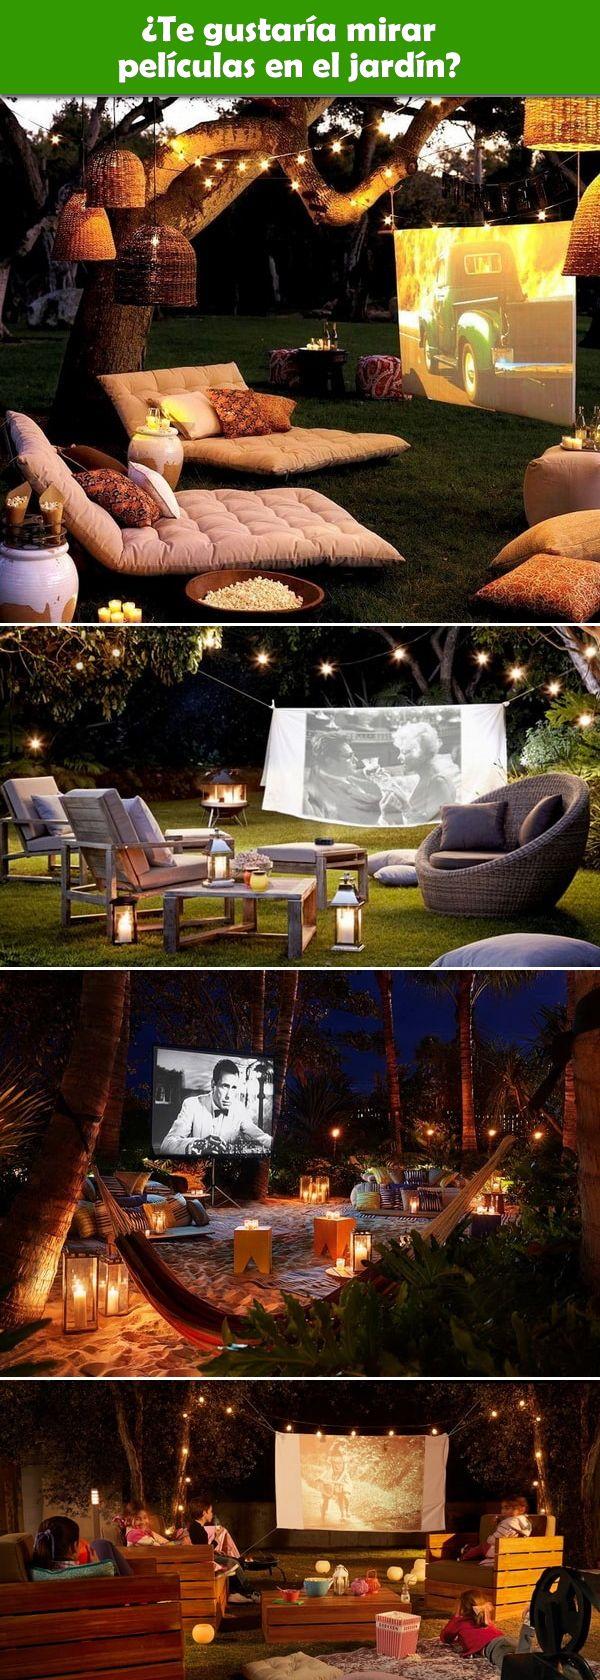 Ideas para montar una sala de cine al aire libre en el jardín. Reuniones al aire libre. Cine en el jardín. Sala de cine en el jardín.